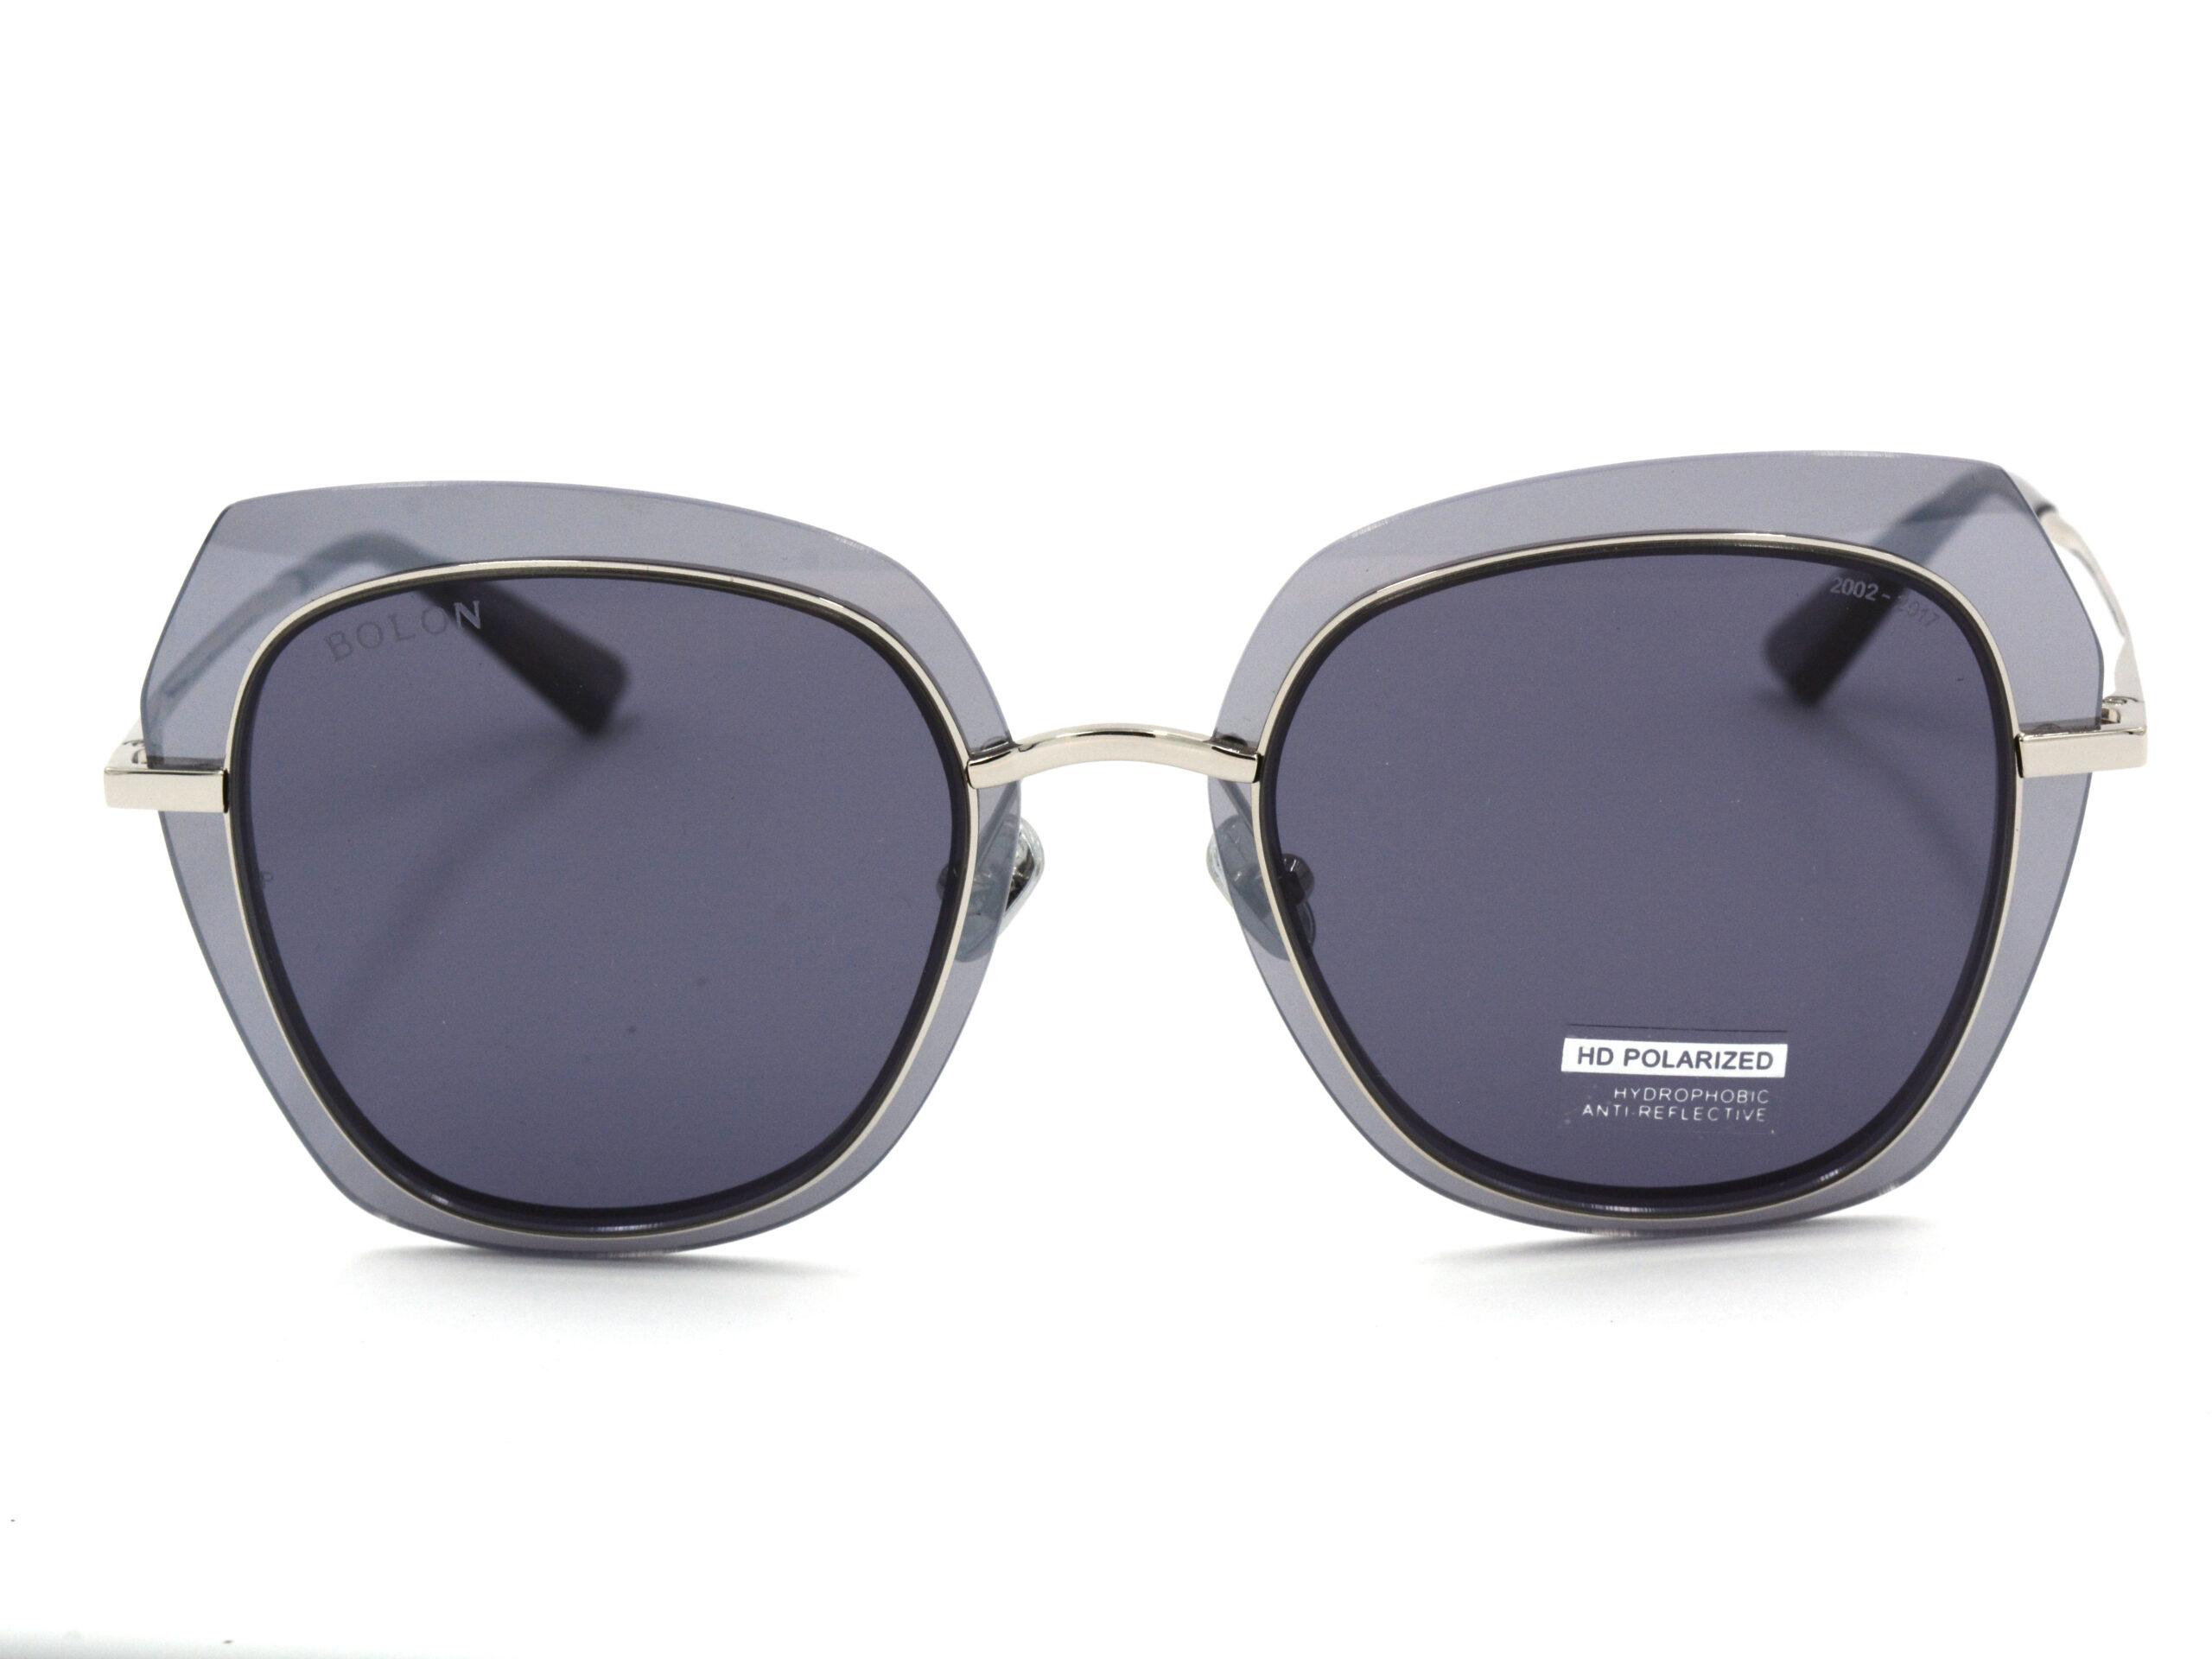 Γυαλιά ηλίου BOLON BL7007 C10 Πειραιάς